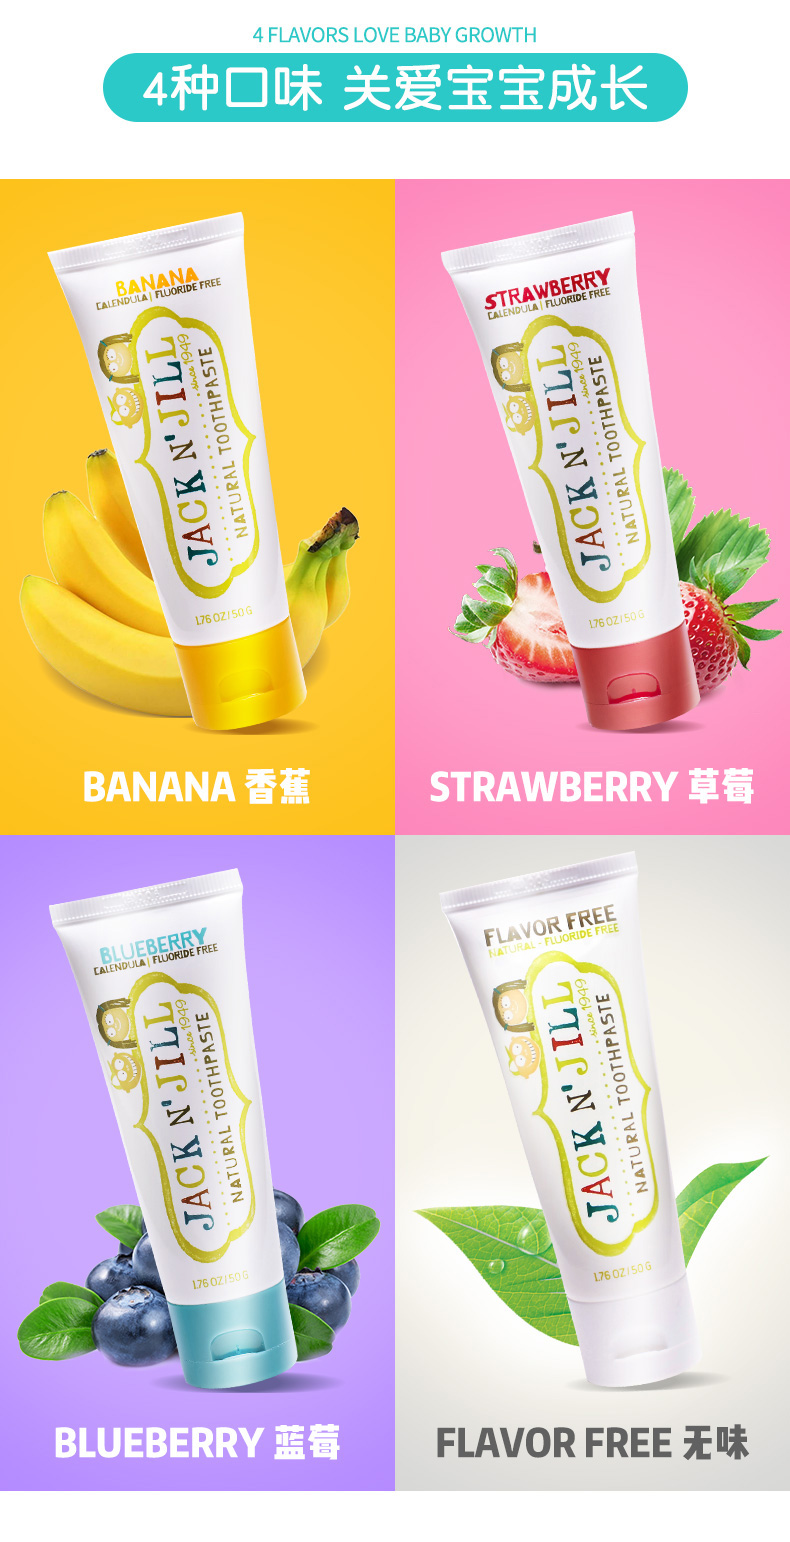 Jack n'jill 杰克儿童有机可吃牙膏 香蕉味 – Hebei 保健,美妆和个人护理商品